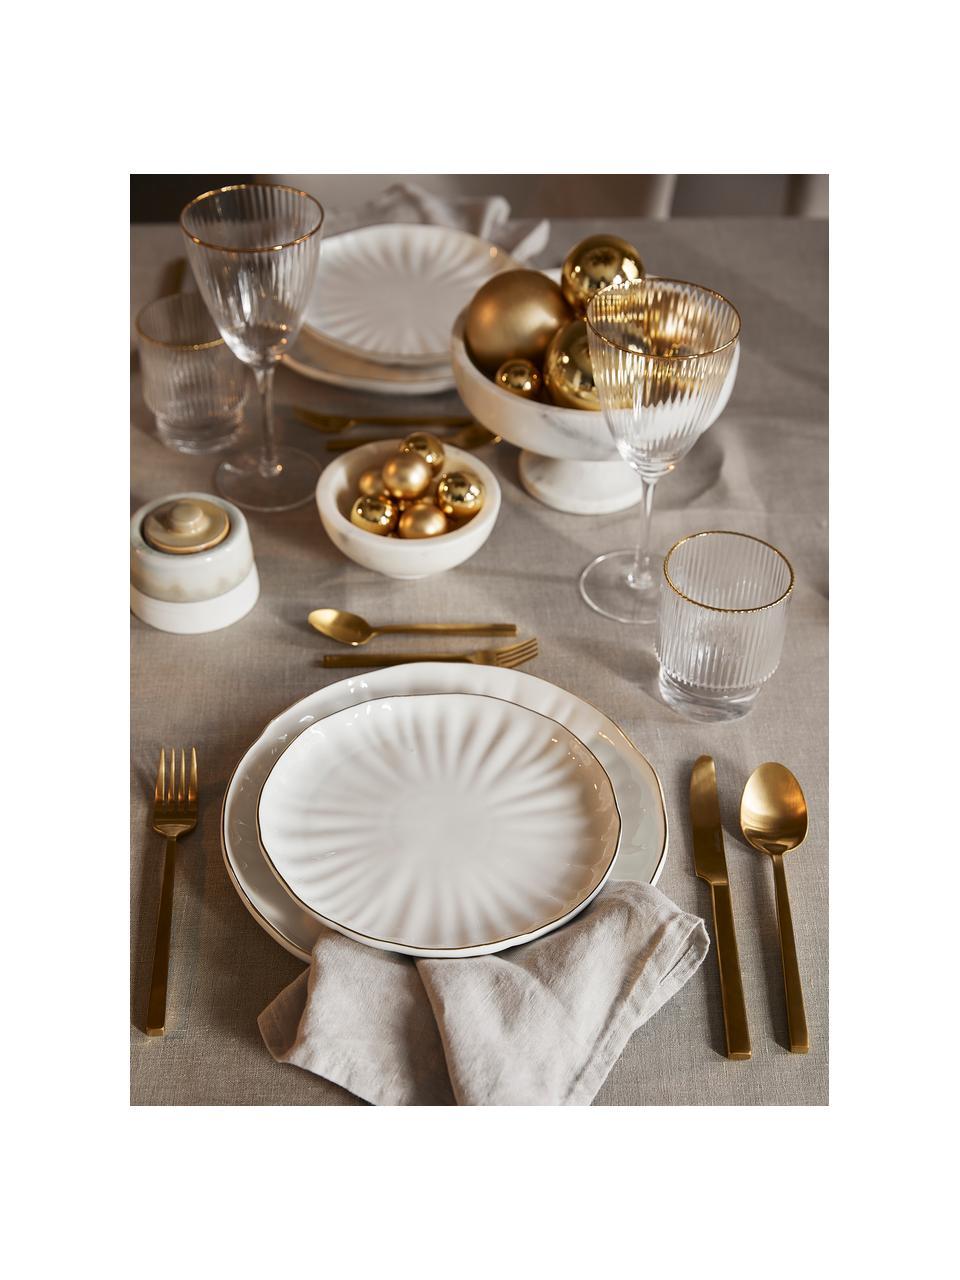 Talerz śniadaniowy z porcelany Sali, 2 szt., Porcelana, Biały, Ø 21 cm